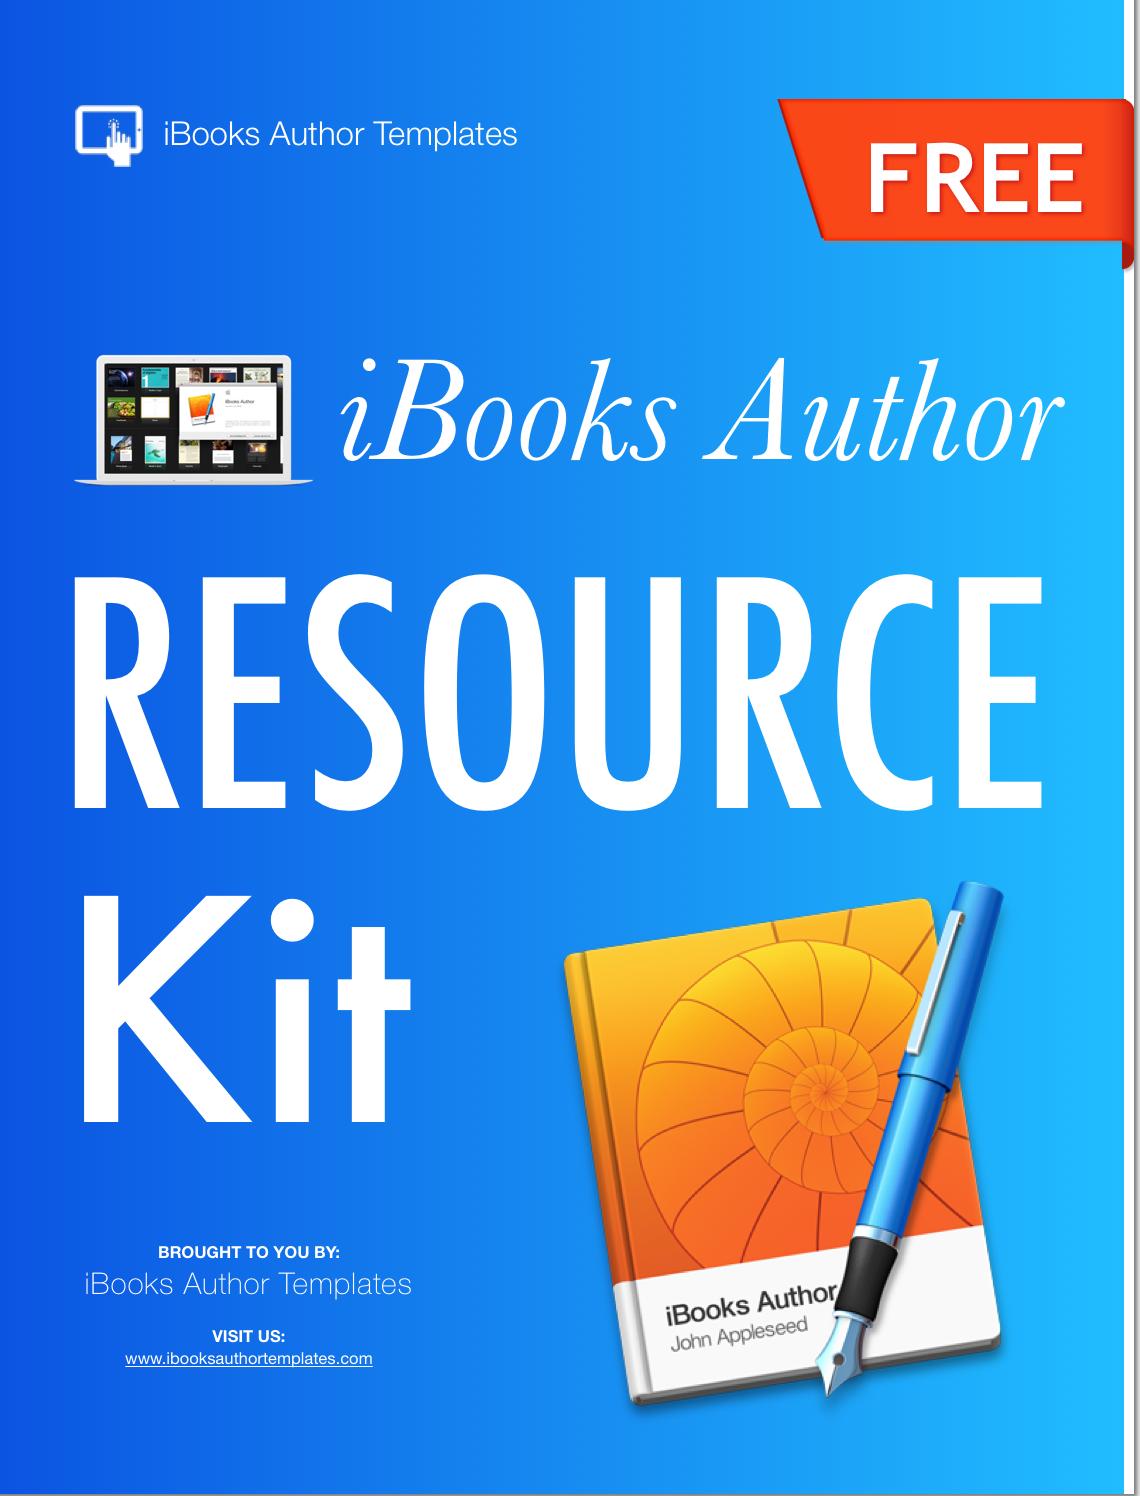 iBooks Author Templates | Blog | iBooks Author Tutorials and Design ...